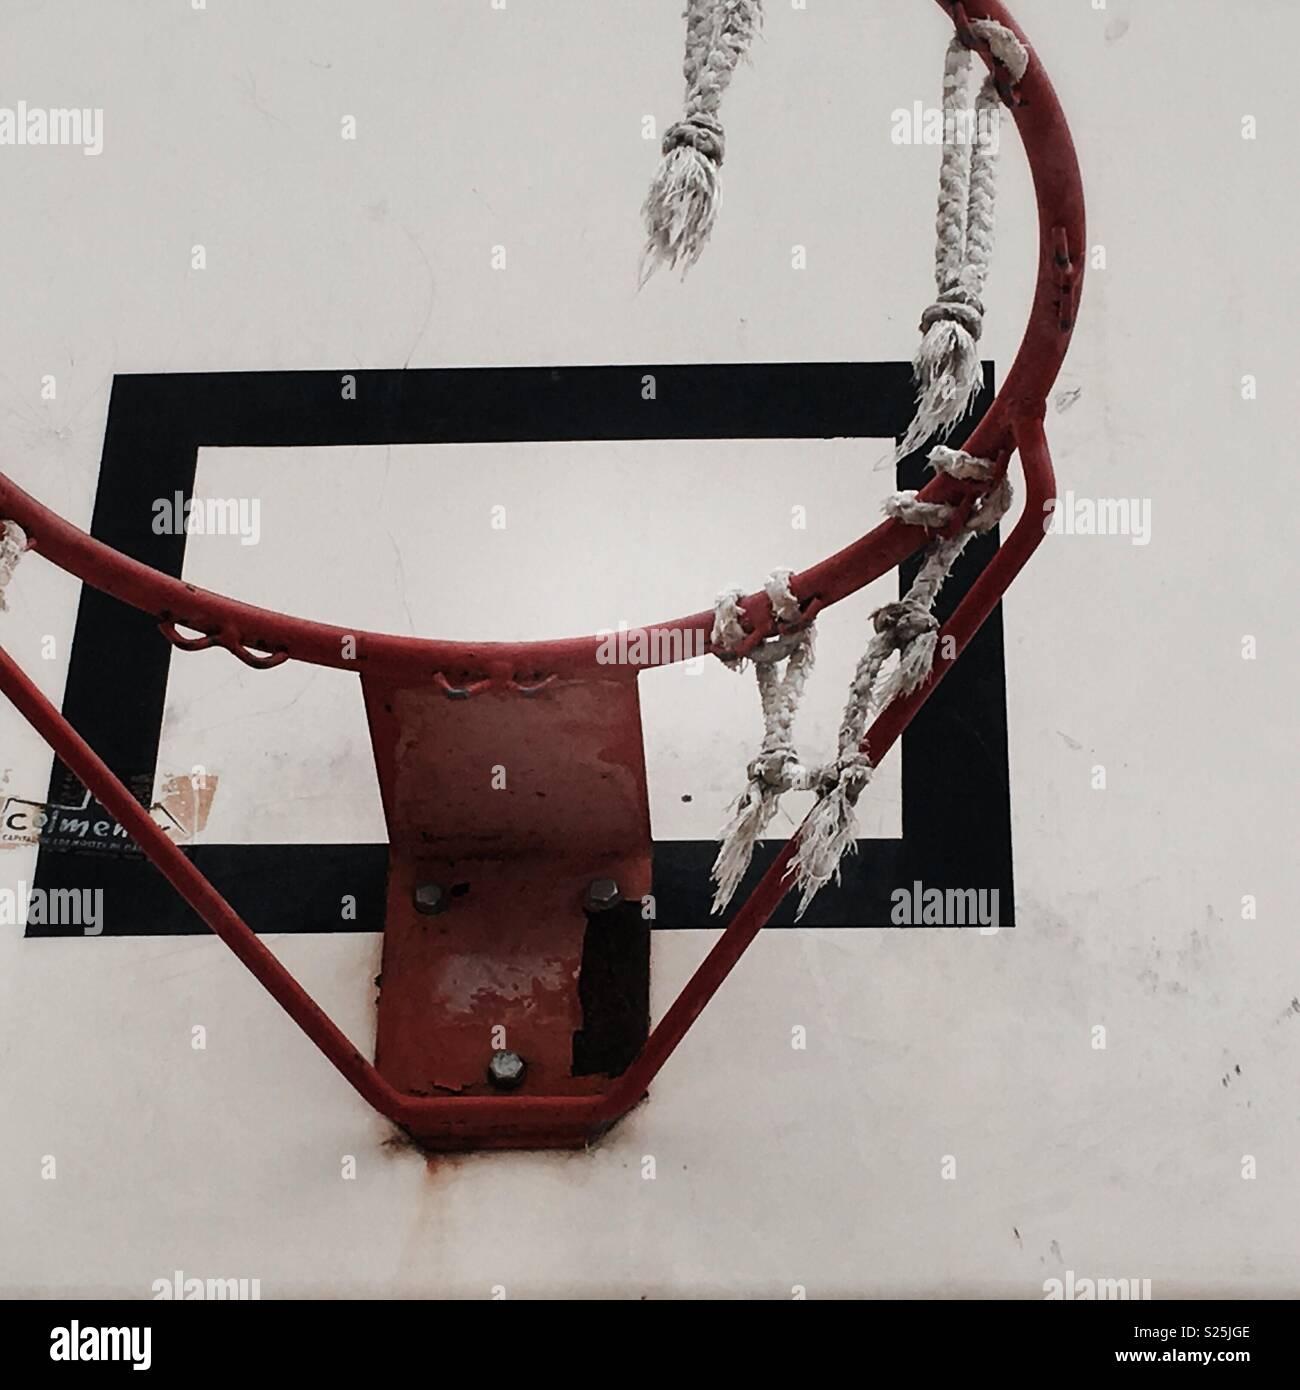 Con aro de baloncesto baloncesto net roto Imagen De Stock